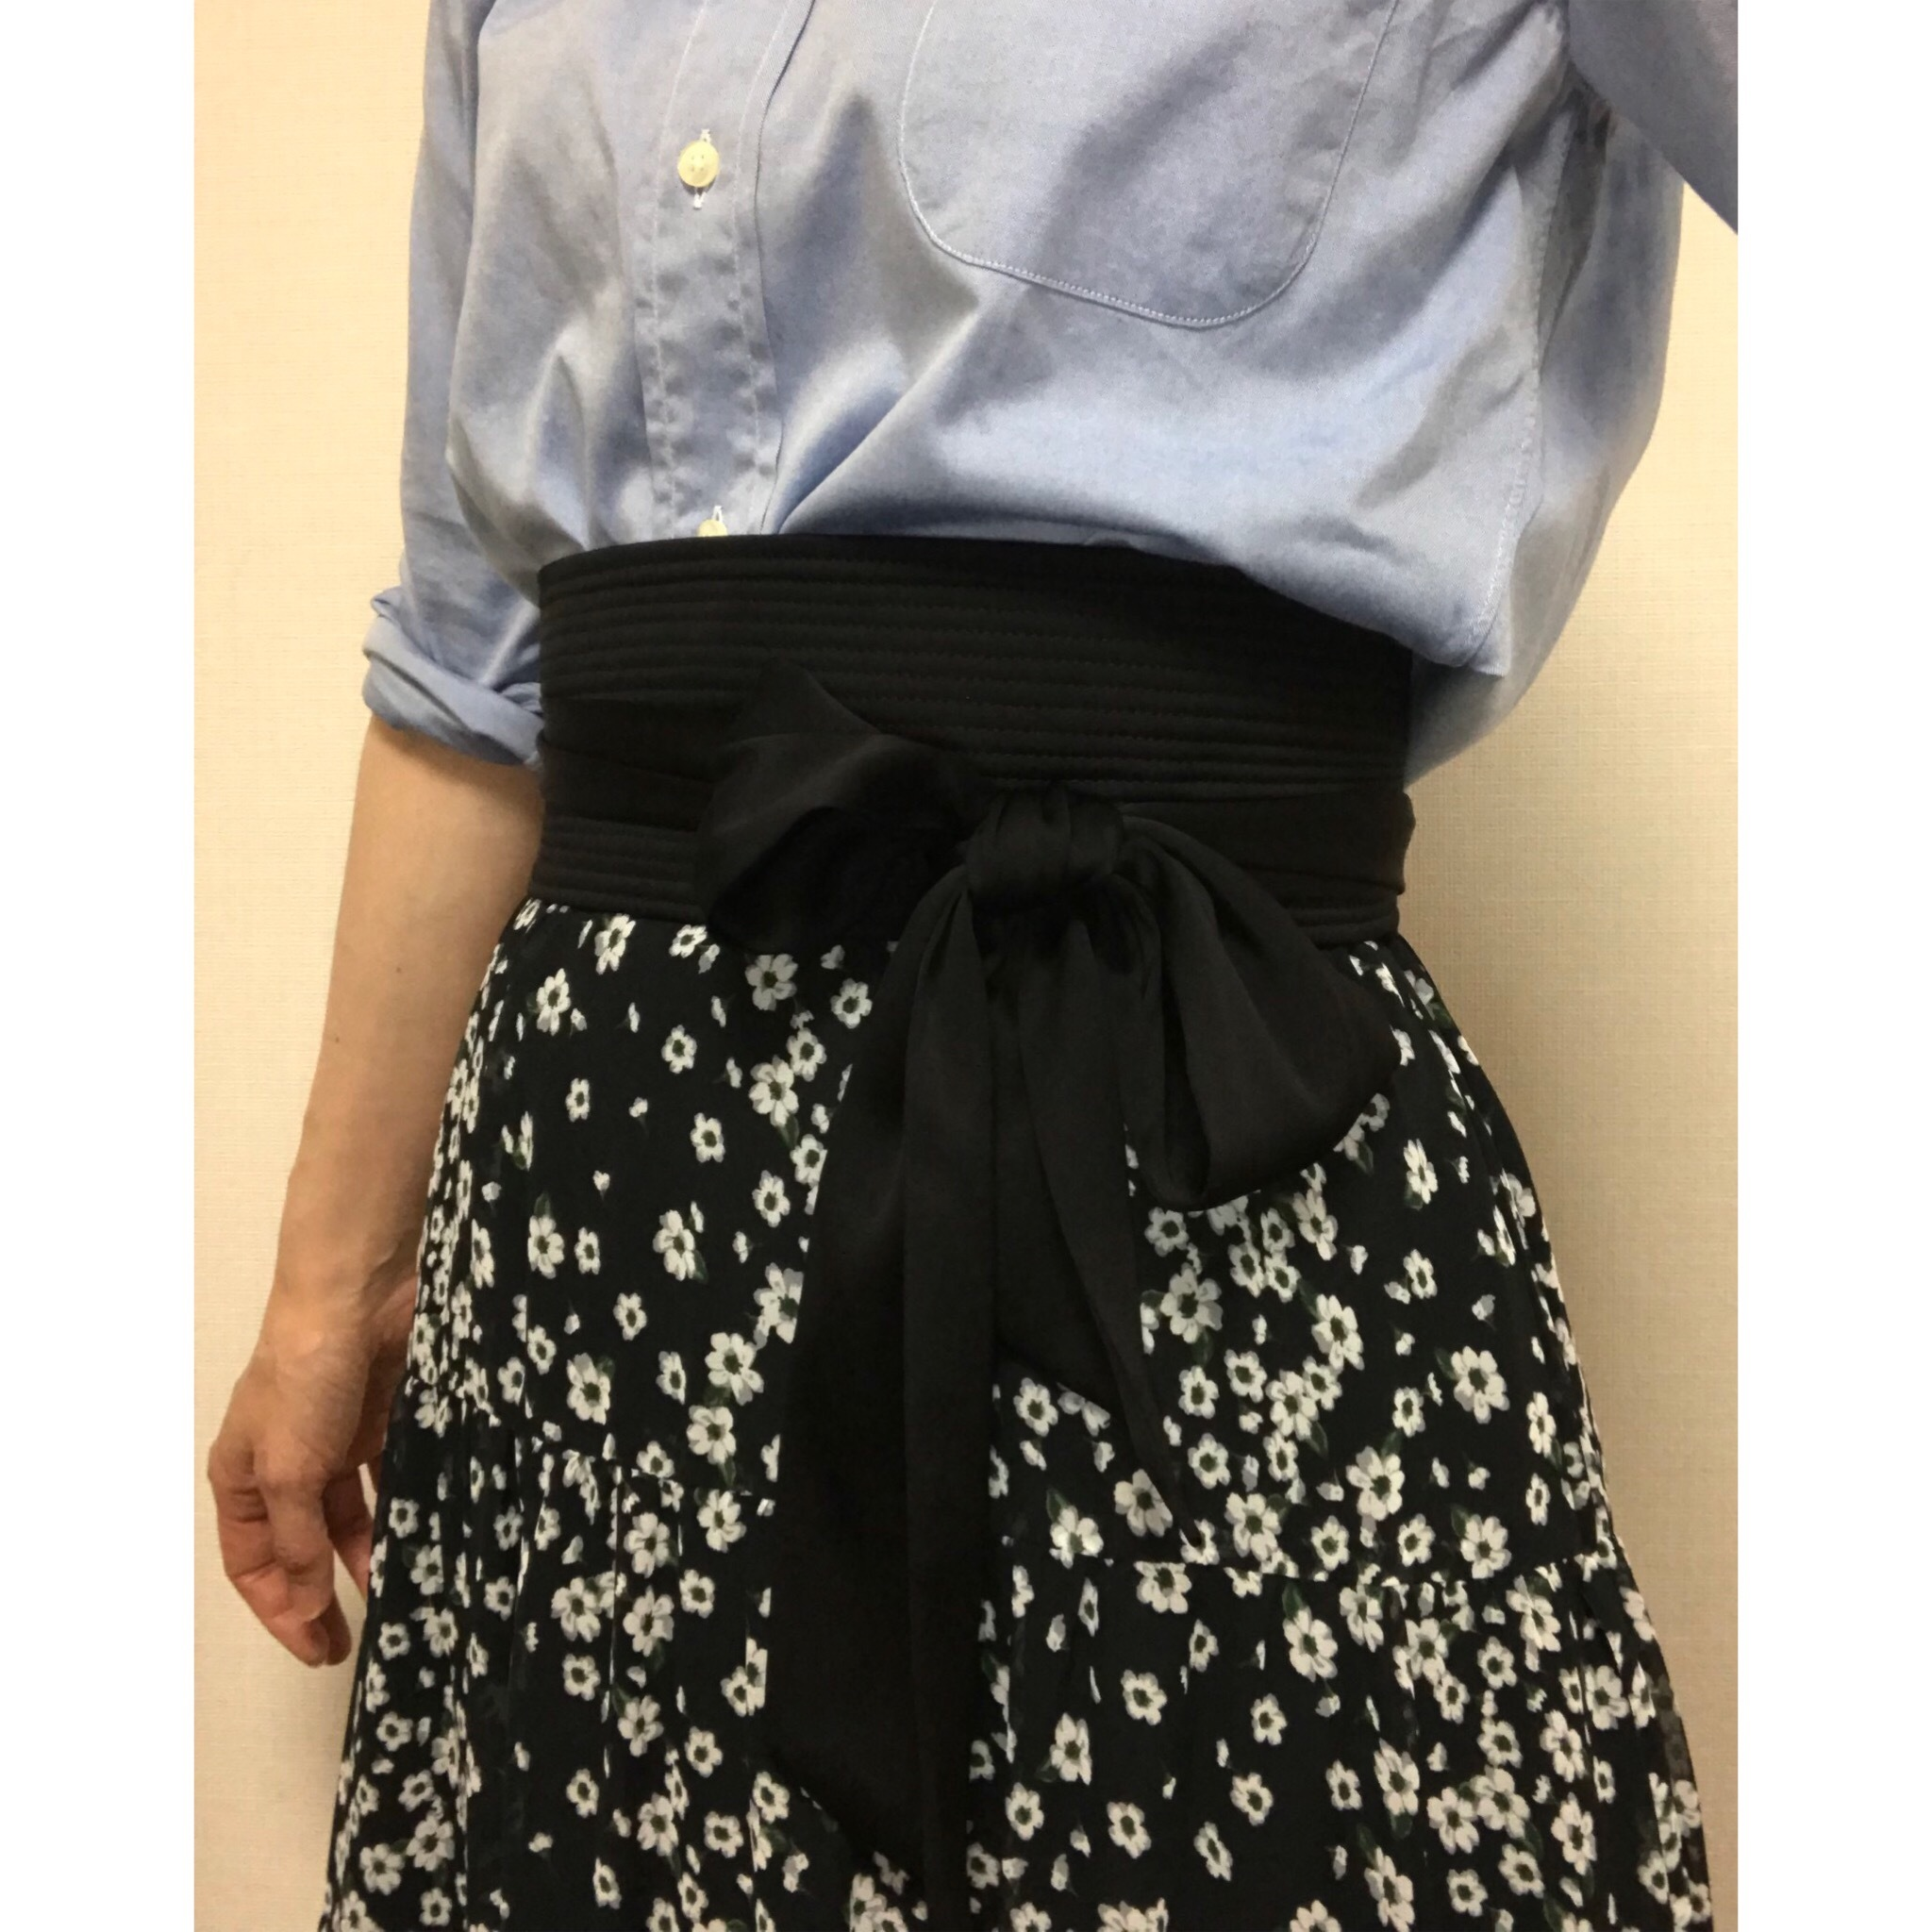 小さな花柄。ロマンティックな気分になれる ♫ SHE tokyoのスカート_1_2-3